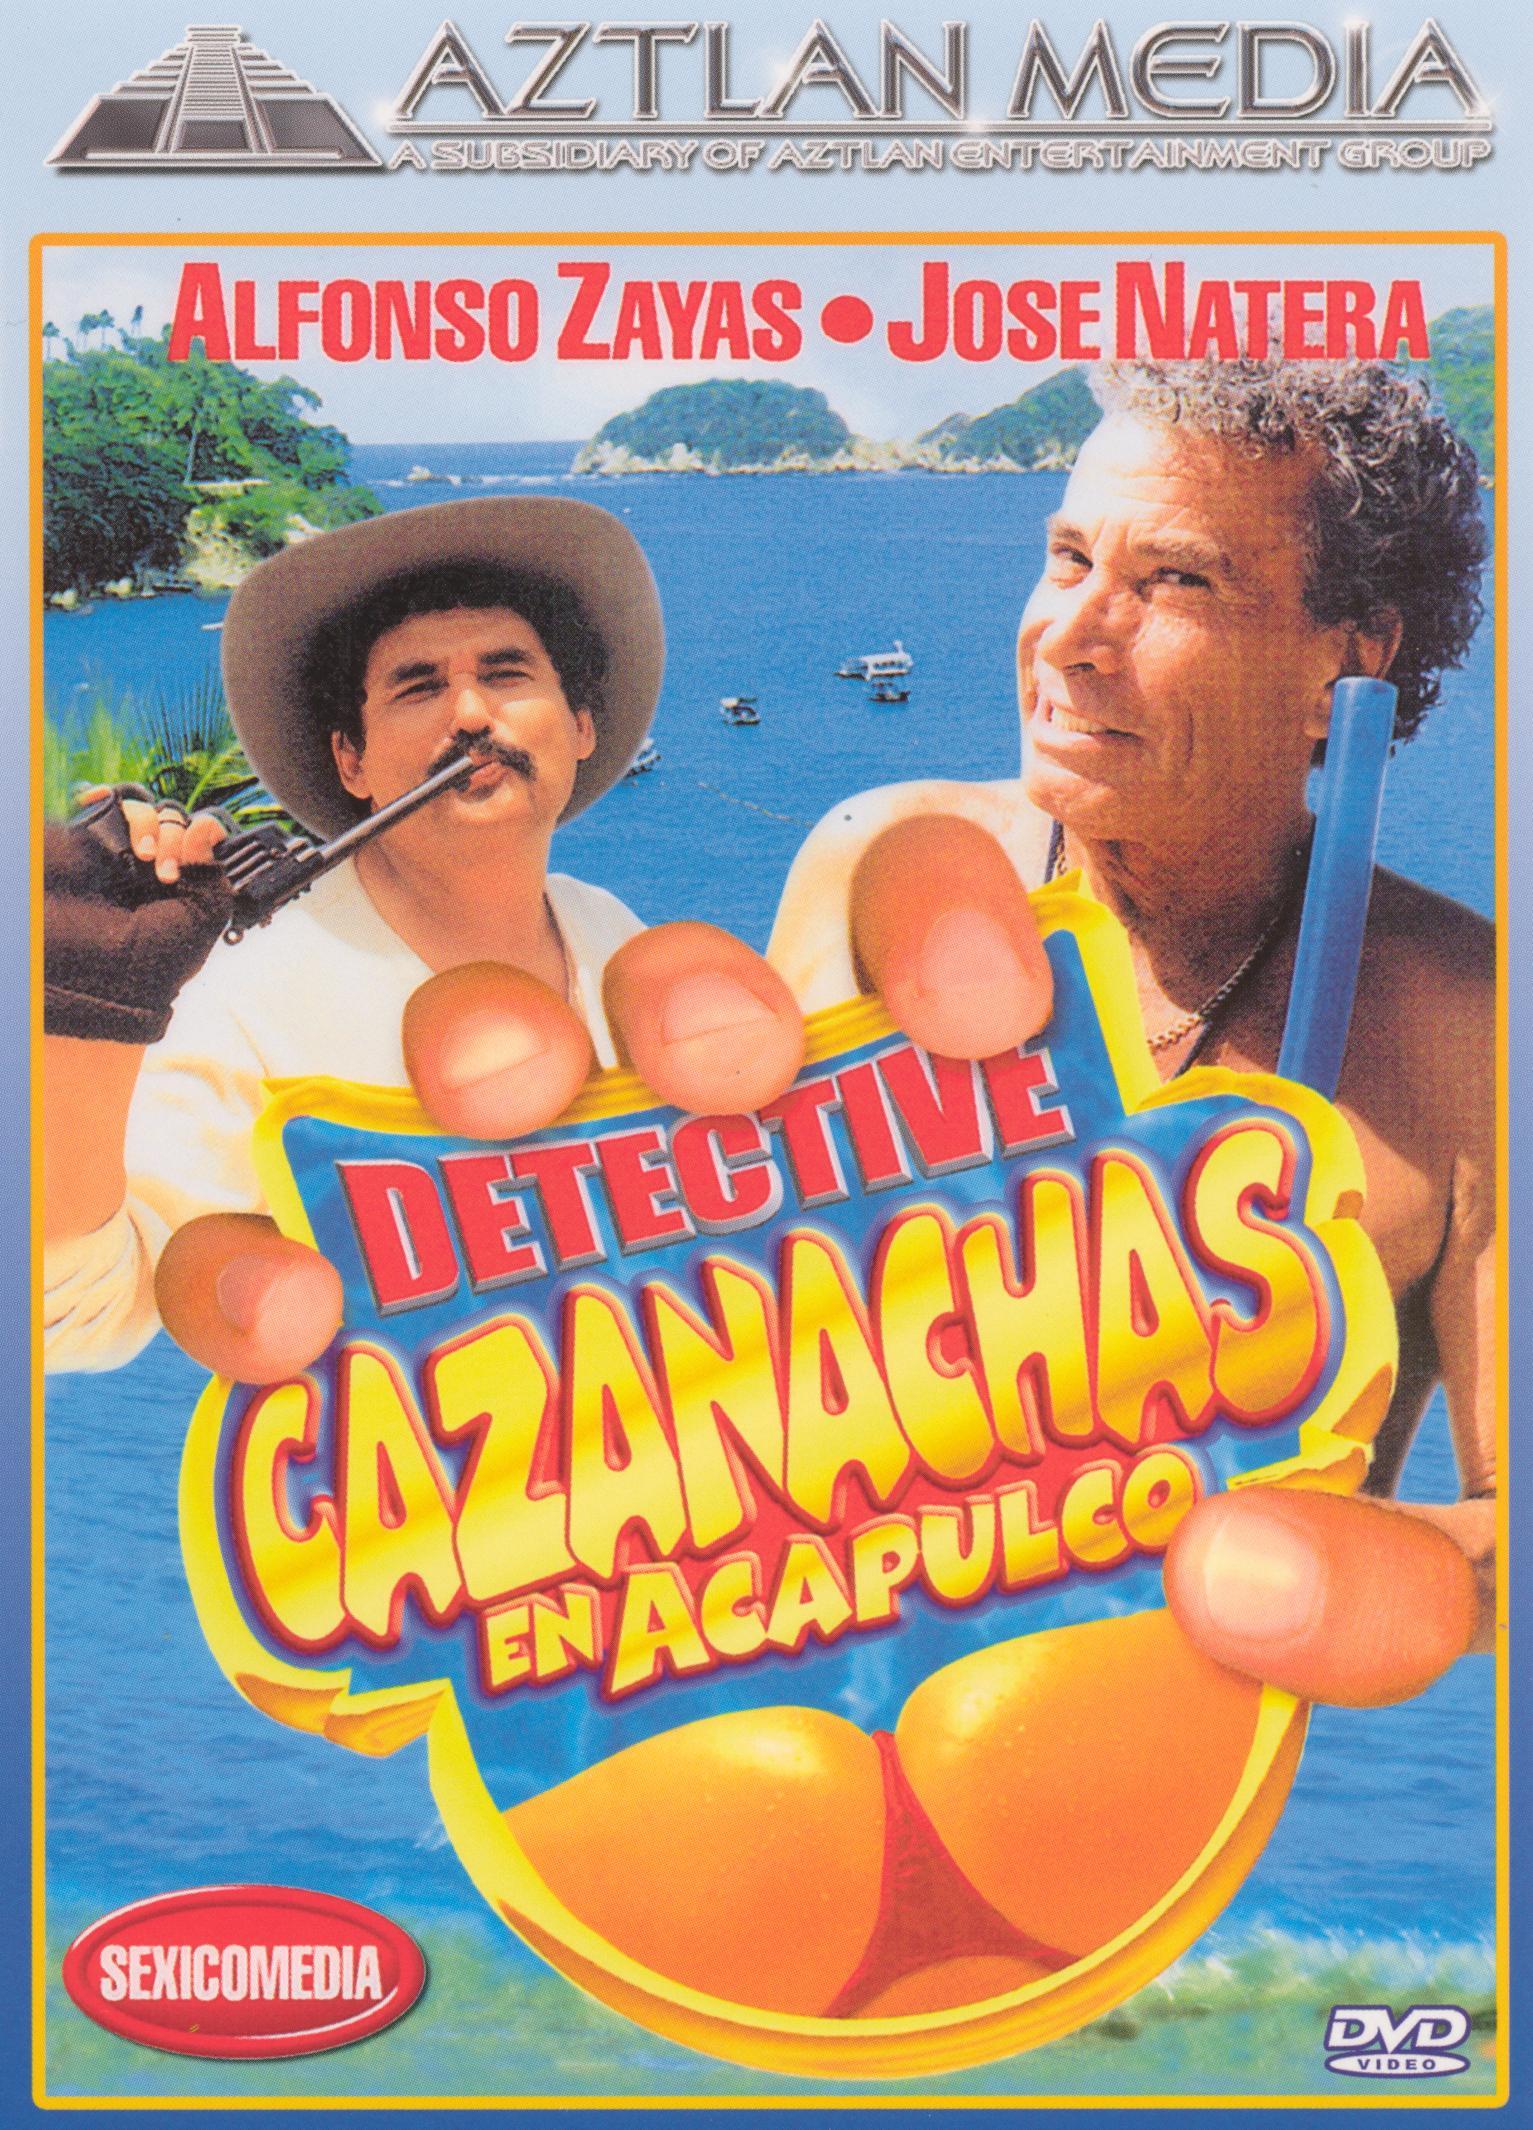 Detective Cazanachas en Acapulco